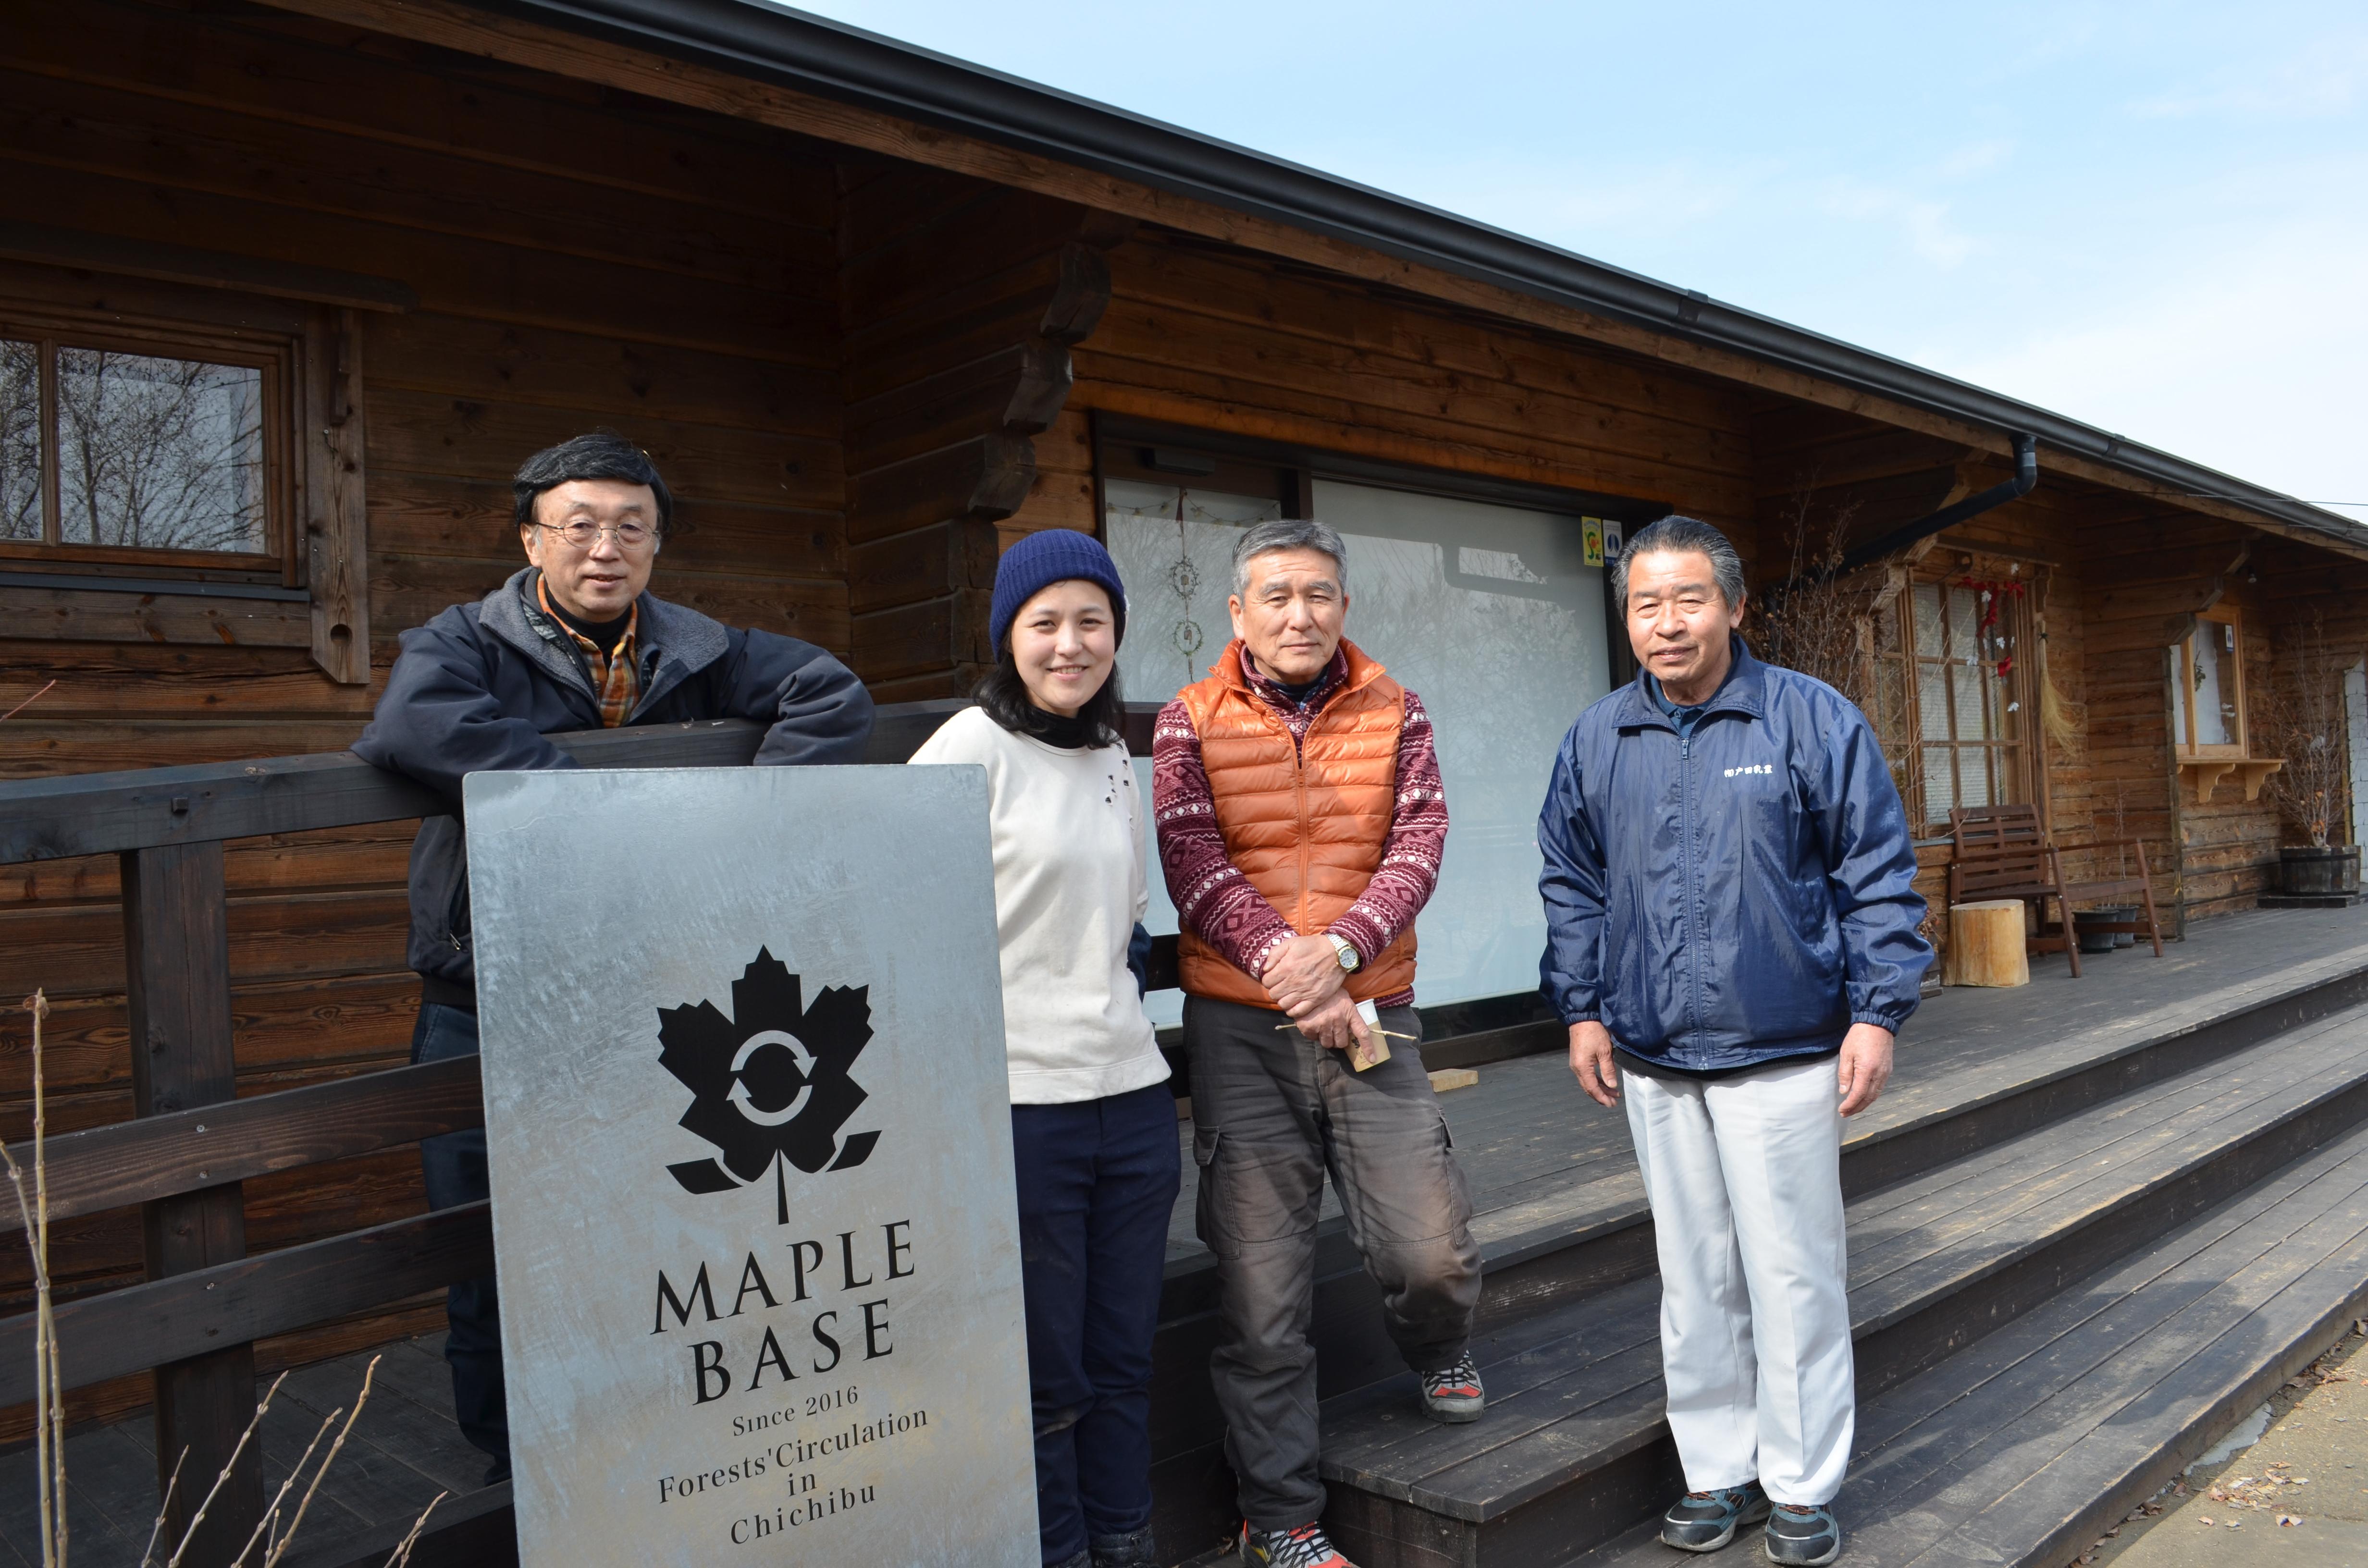 16年にオープンしたメープルベース。左から秩父百年の森の齋藤隆さん、井原愛子さん、島崎武重郎さん、加藤木隆さん。店内ではメープルシロップがけのパンケーキなど秩父の自然の恵みを味わえる。